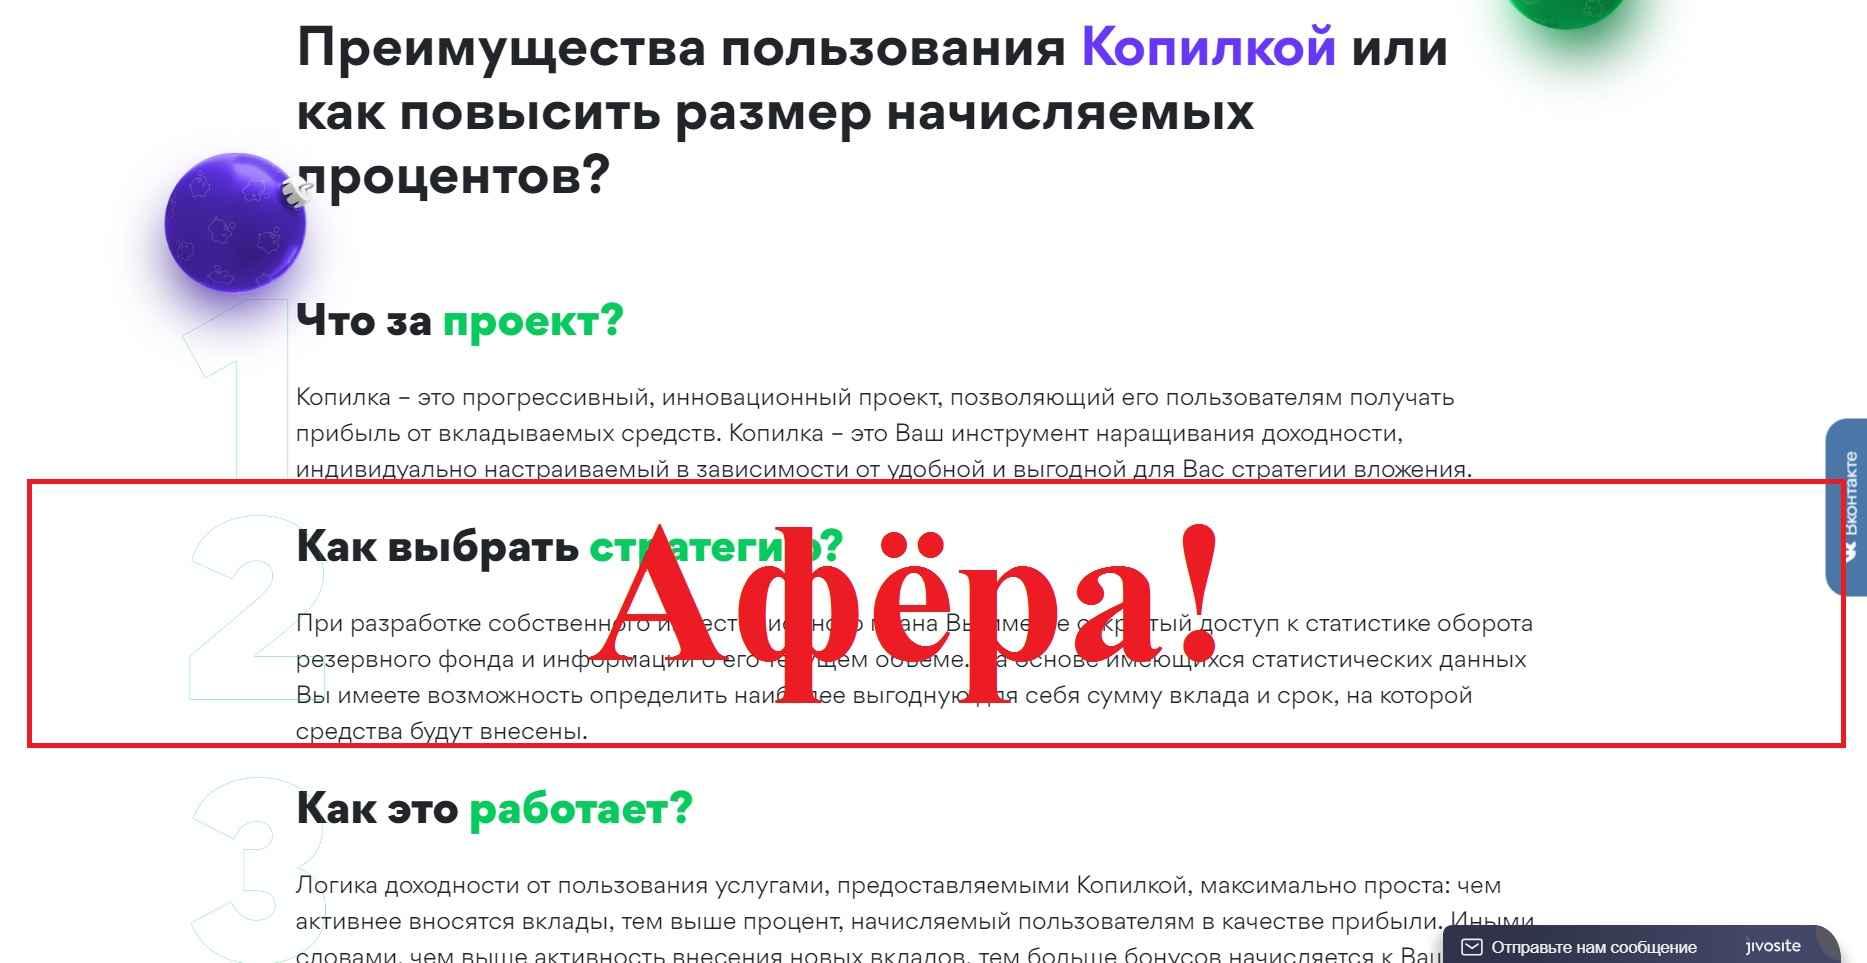 микрозайм pliskov ru отзывы